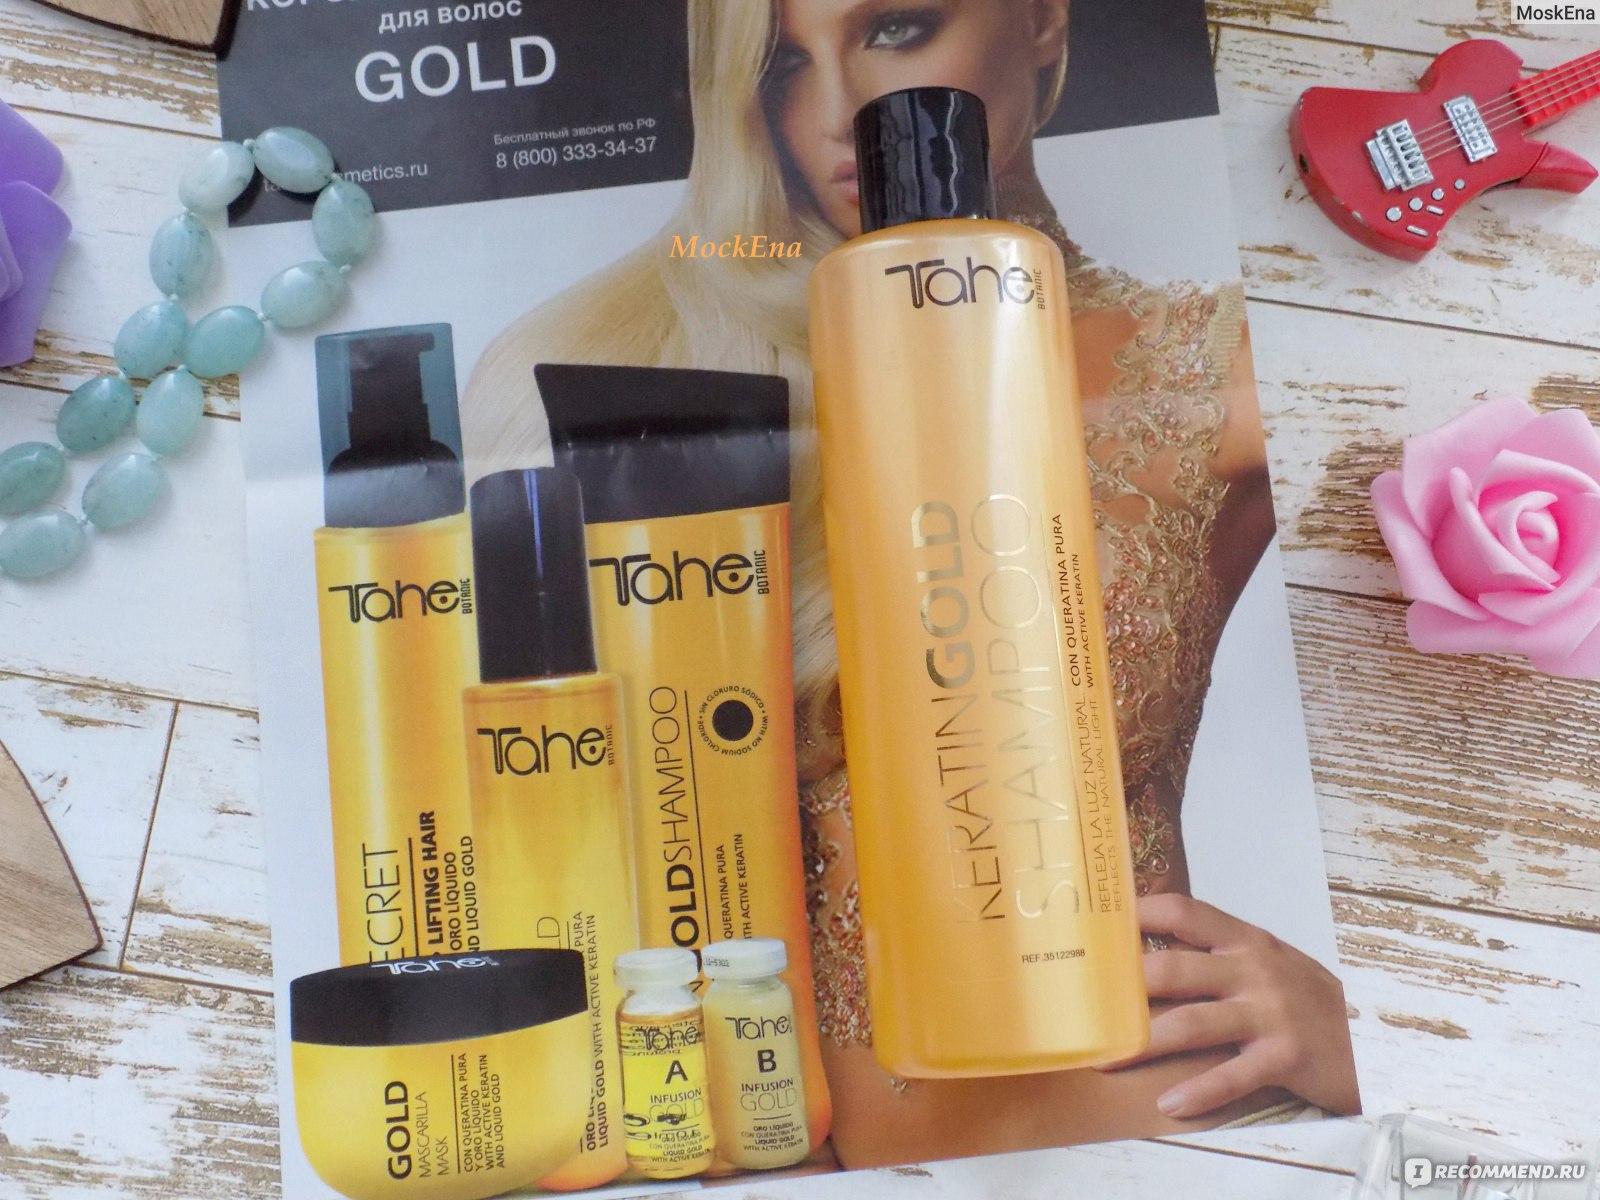 Косметика для волос tahe купить в срок годности косметики по коду avon